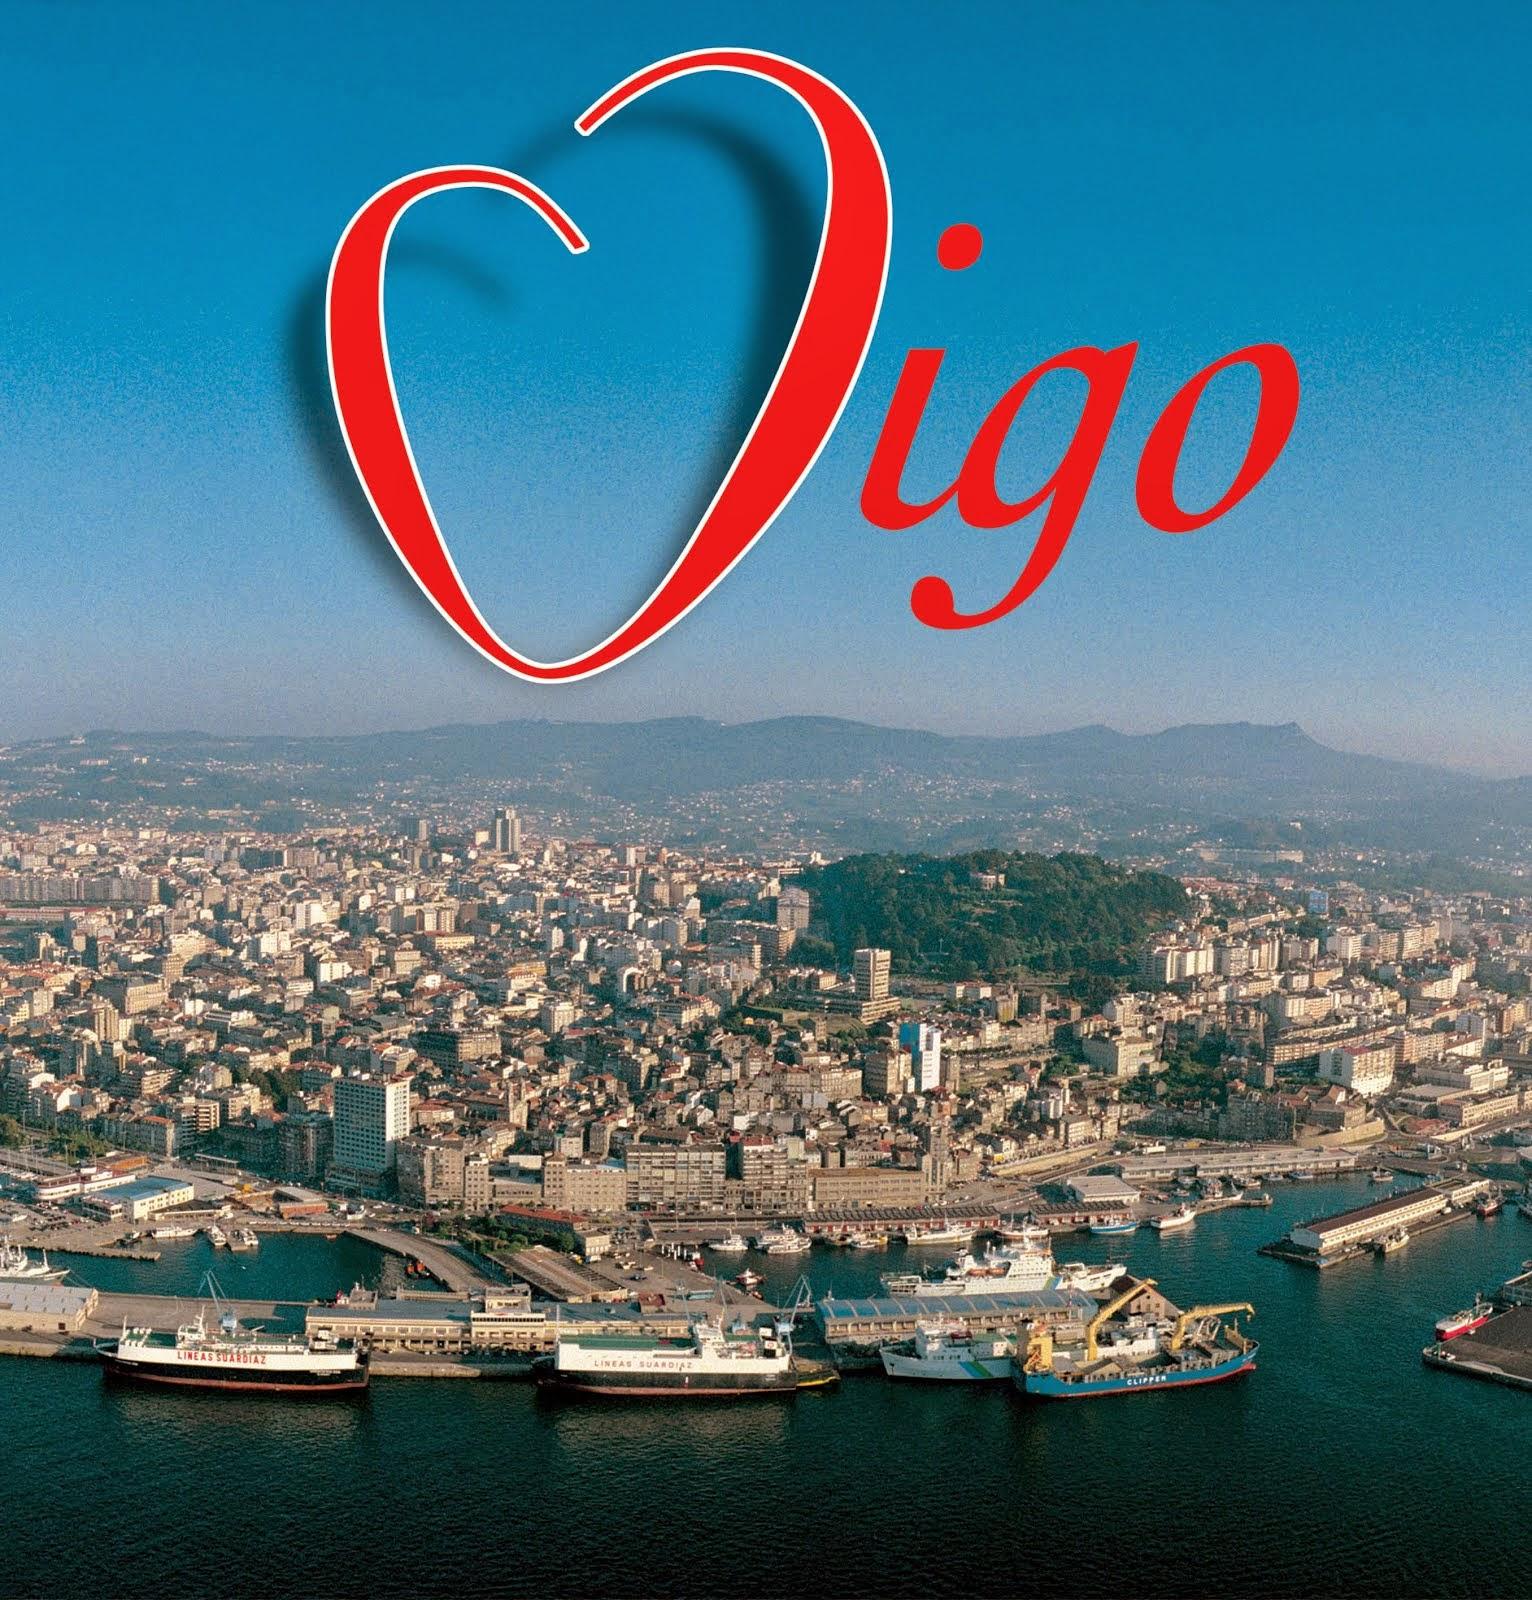 Turismo en Vigo